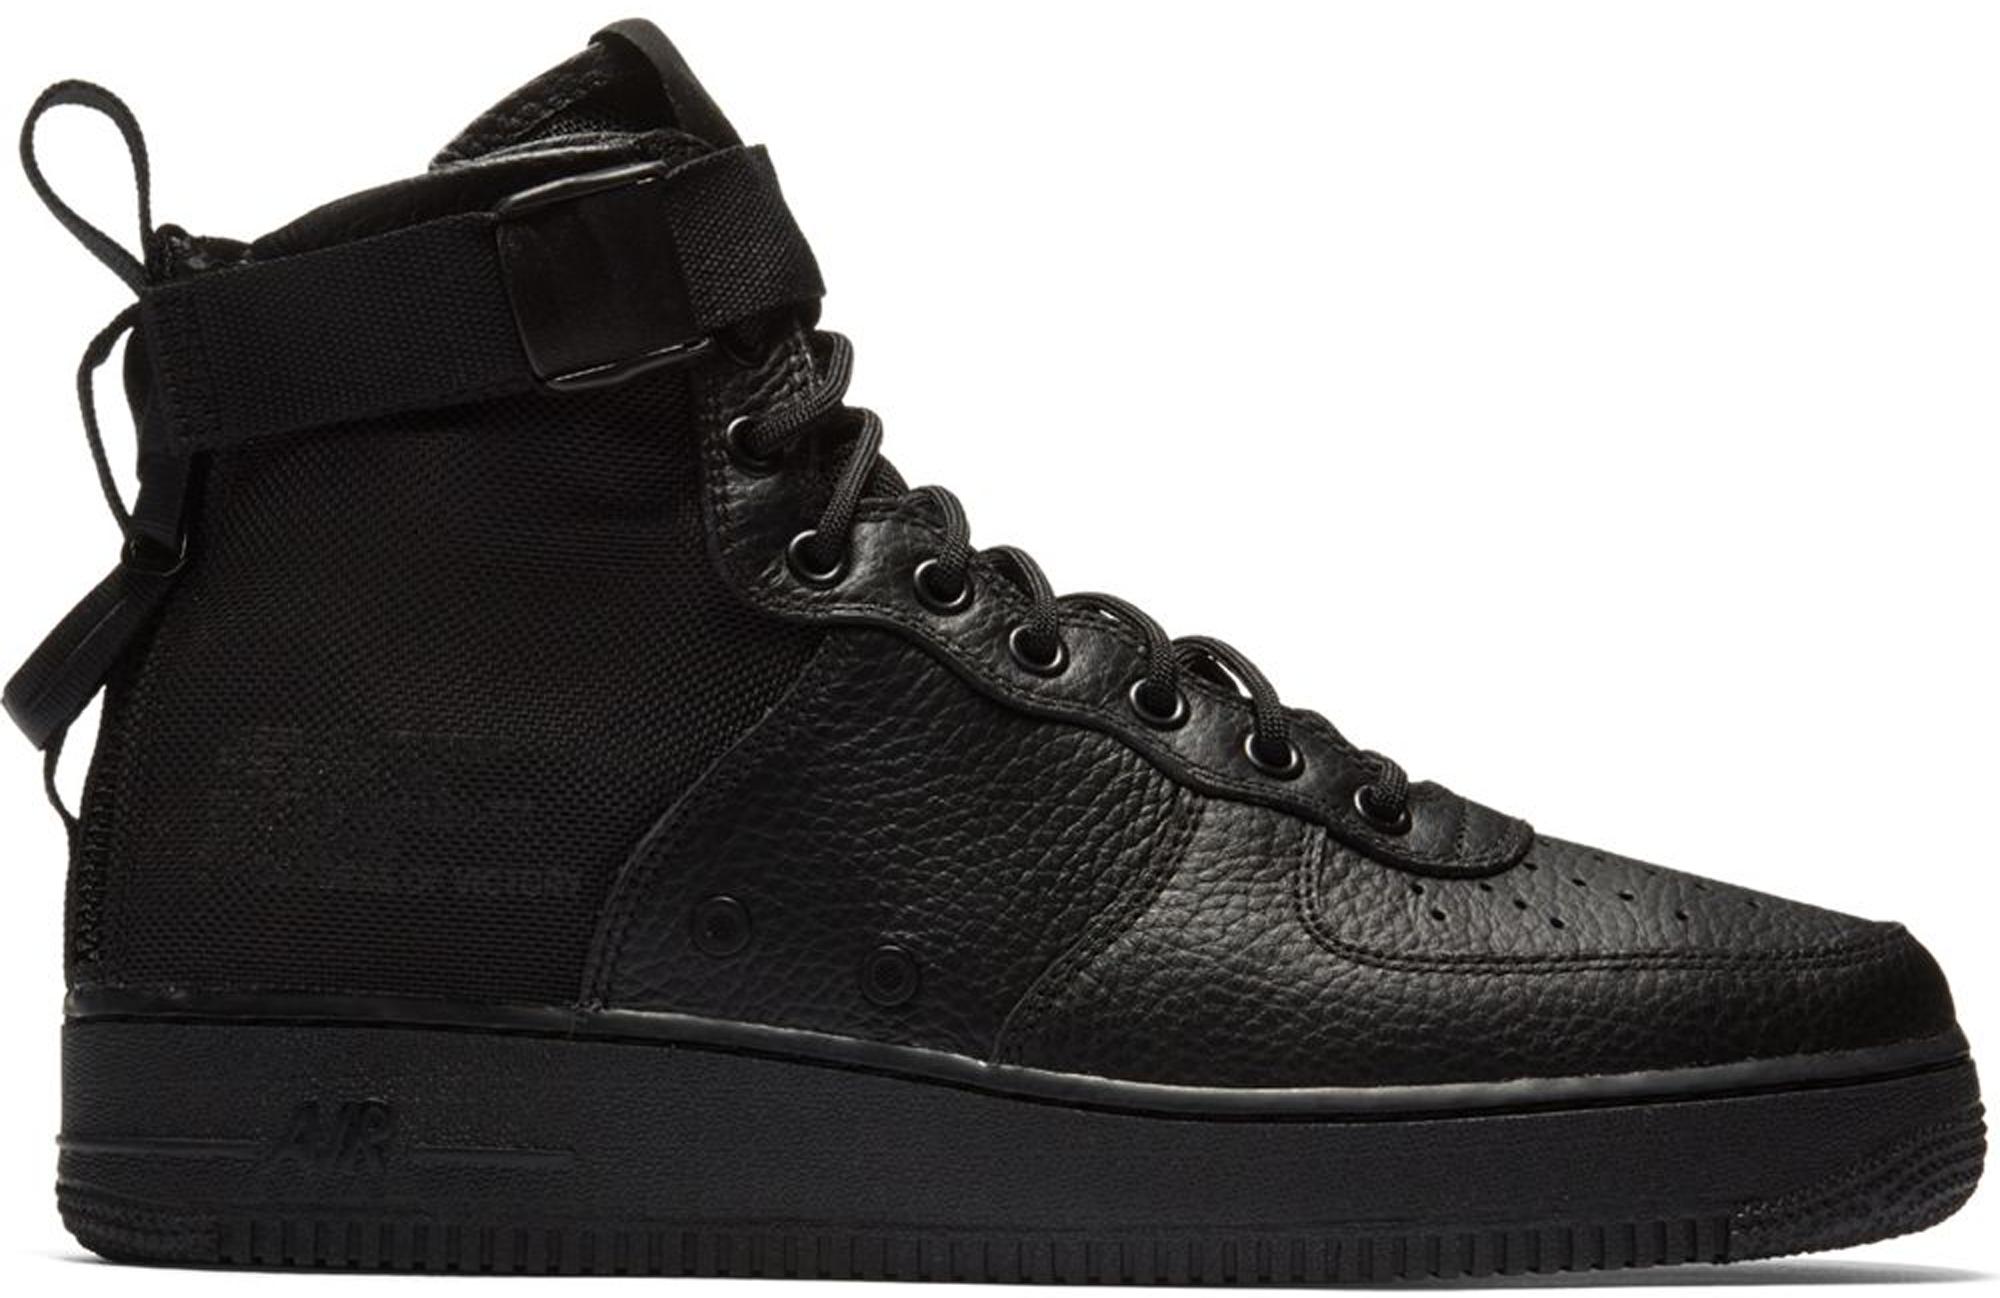 Nike Sf Af1 Black Leather Sneakers